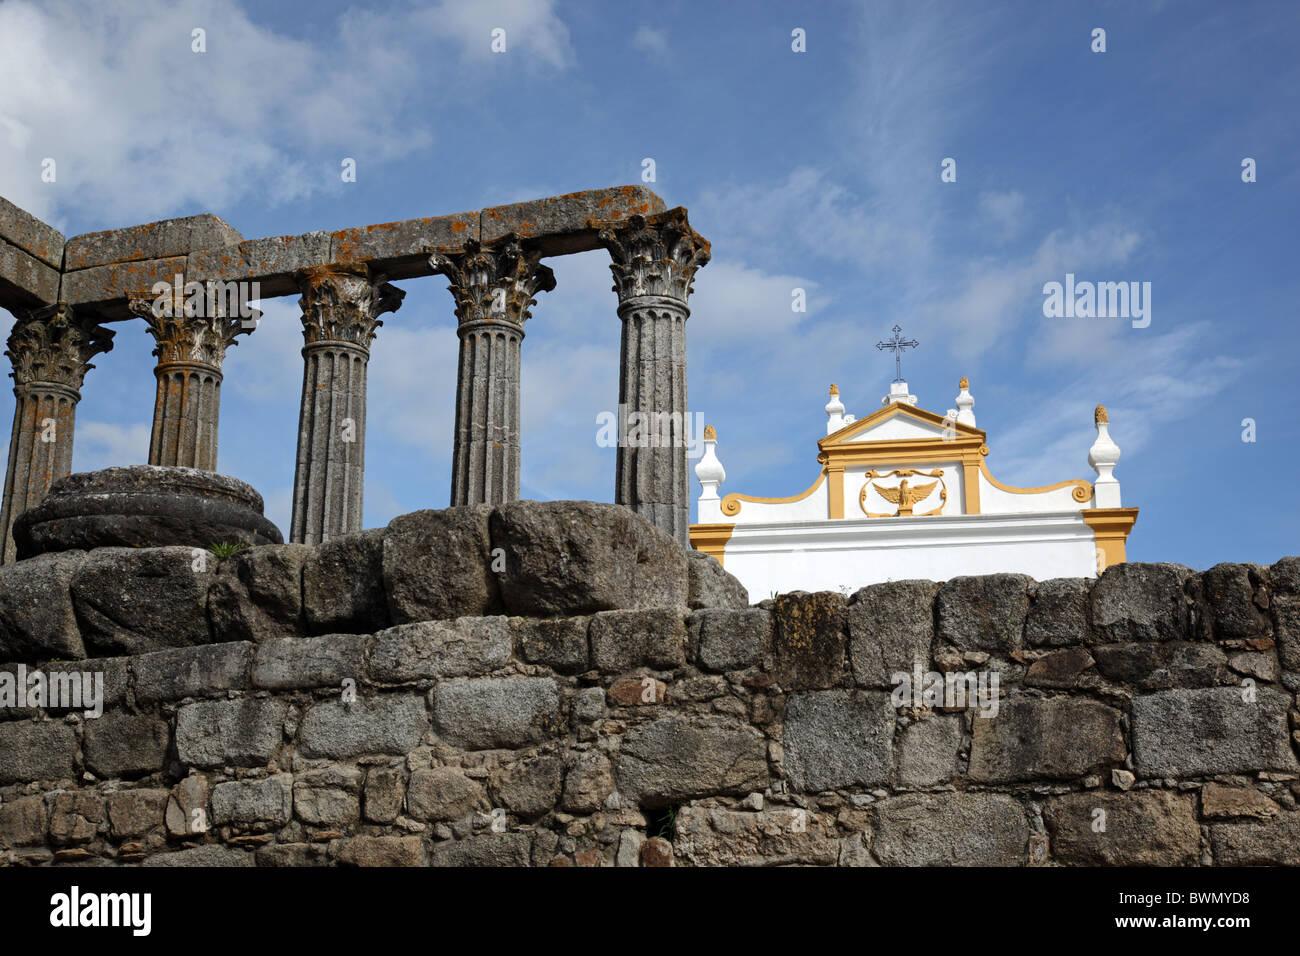 Le Temple romain de Diana et Convento de Sao Joao Evangelista à Evora Alentejo Portugal Europe Banque D'Images